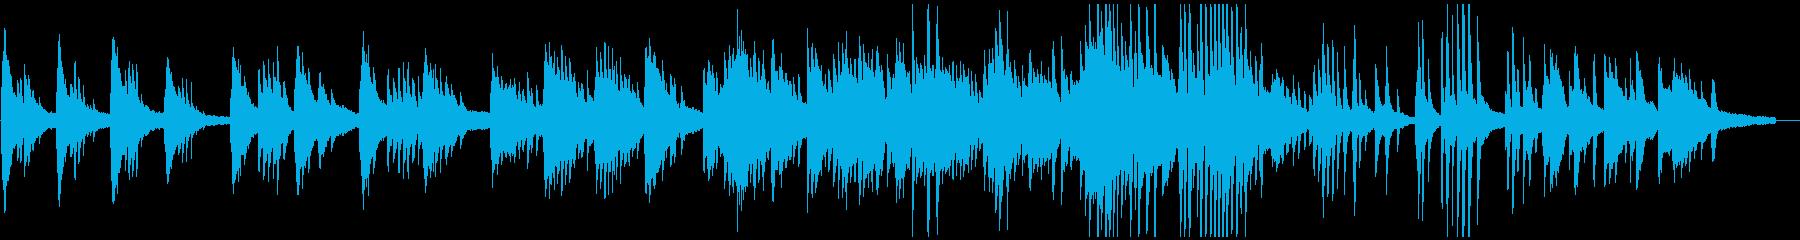 ピアノソロによる赤とんぼの再生済みの波形